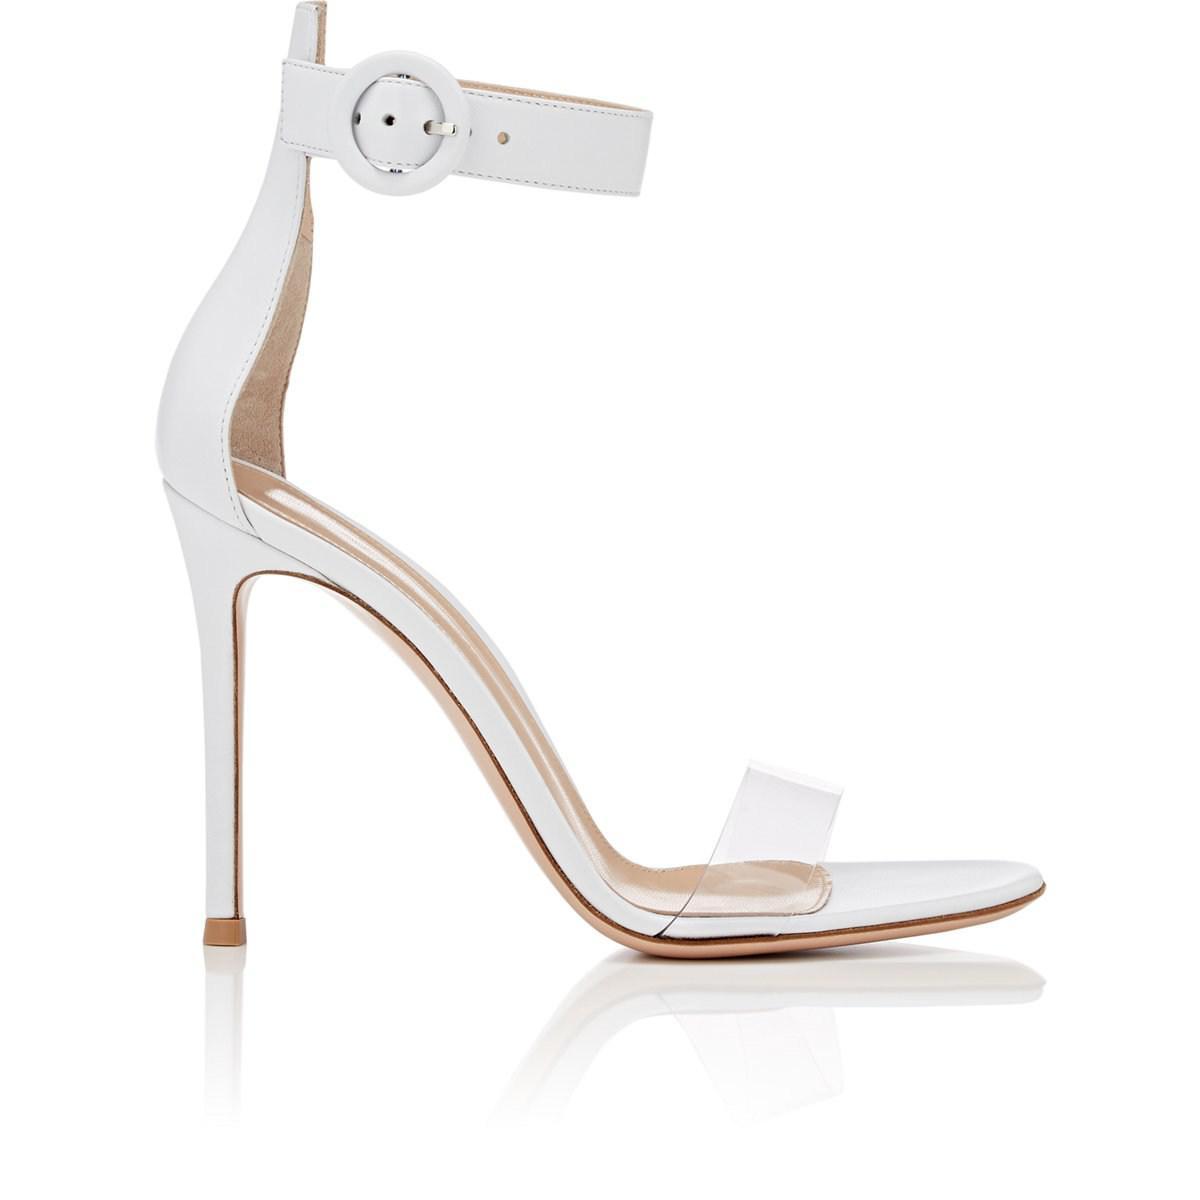 b65e42dfbad Lyst - Gianvito Rossi Stella Leather   Pvc Sandals in White